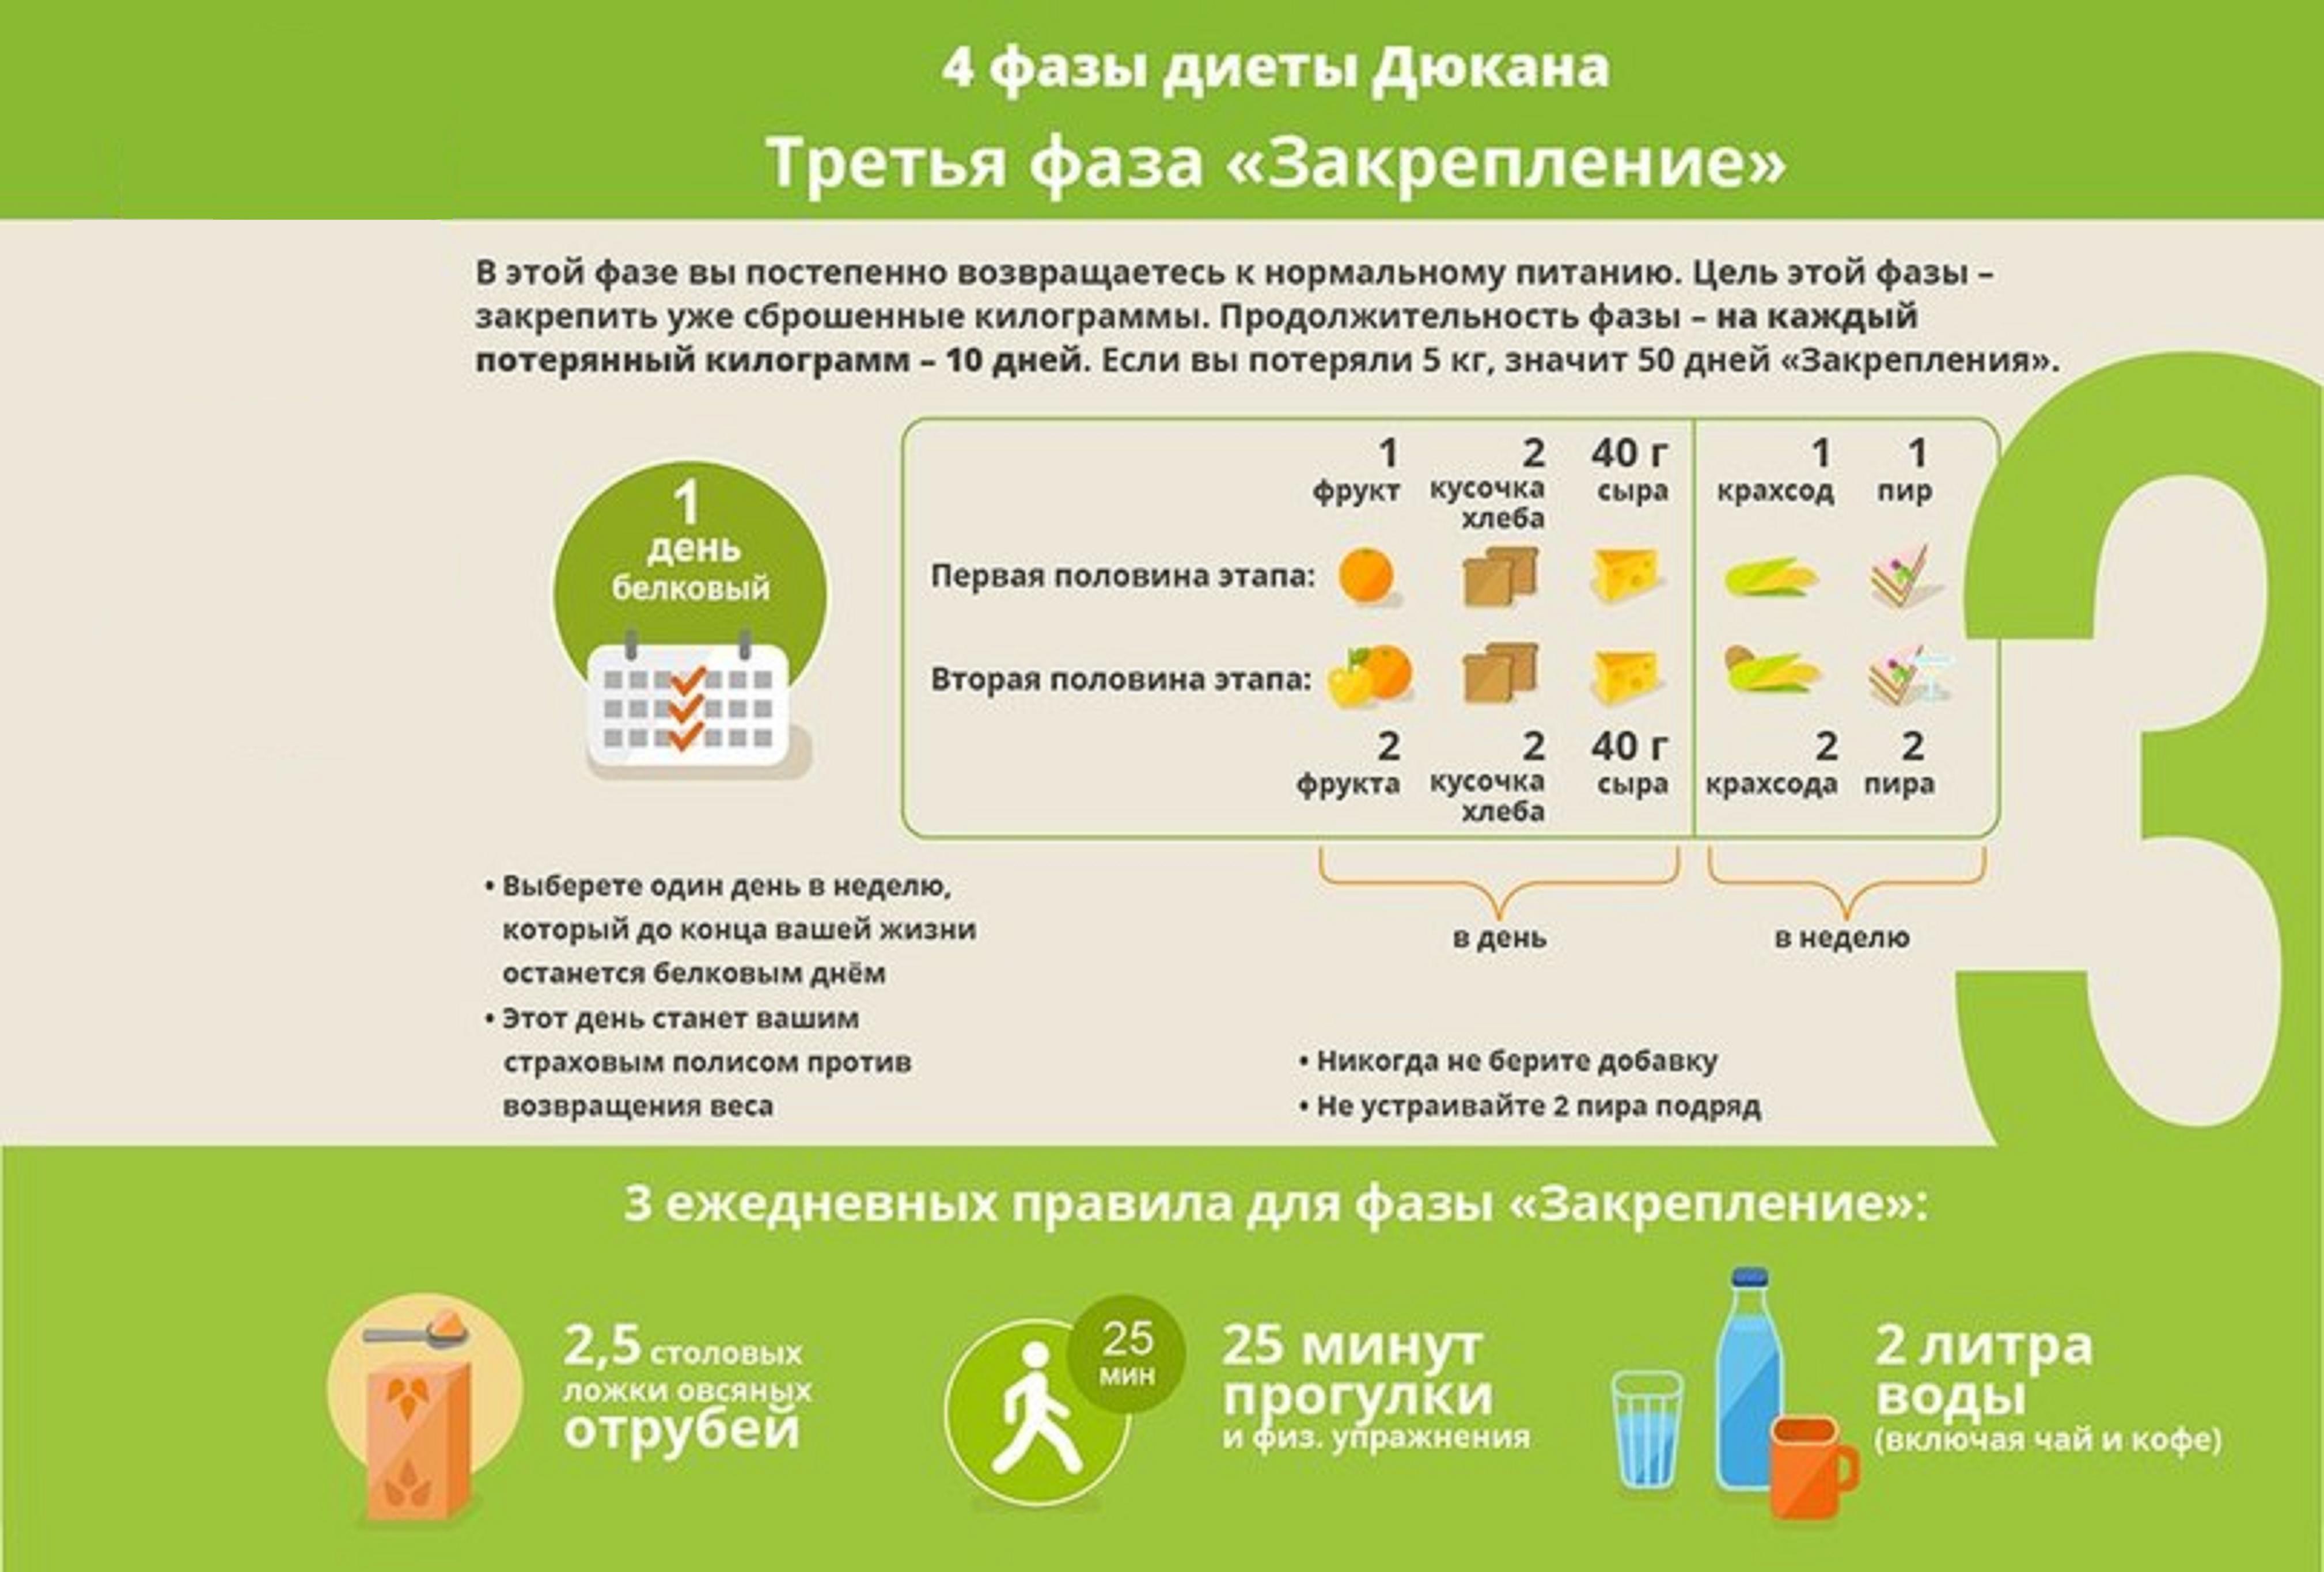 Диета дюкана чередование меню рецепты